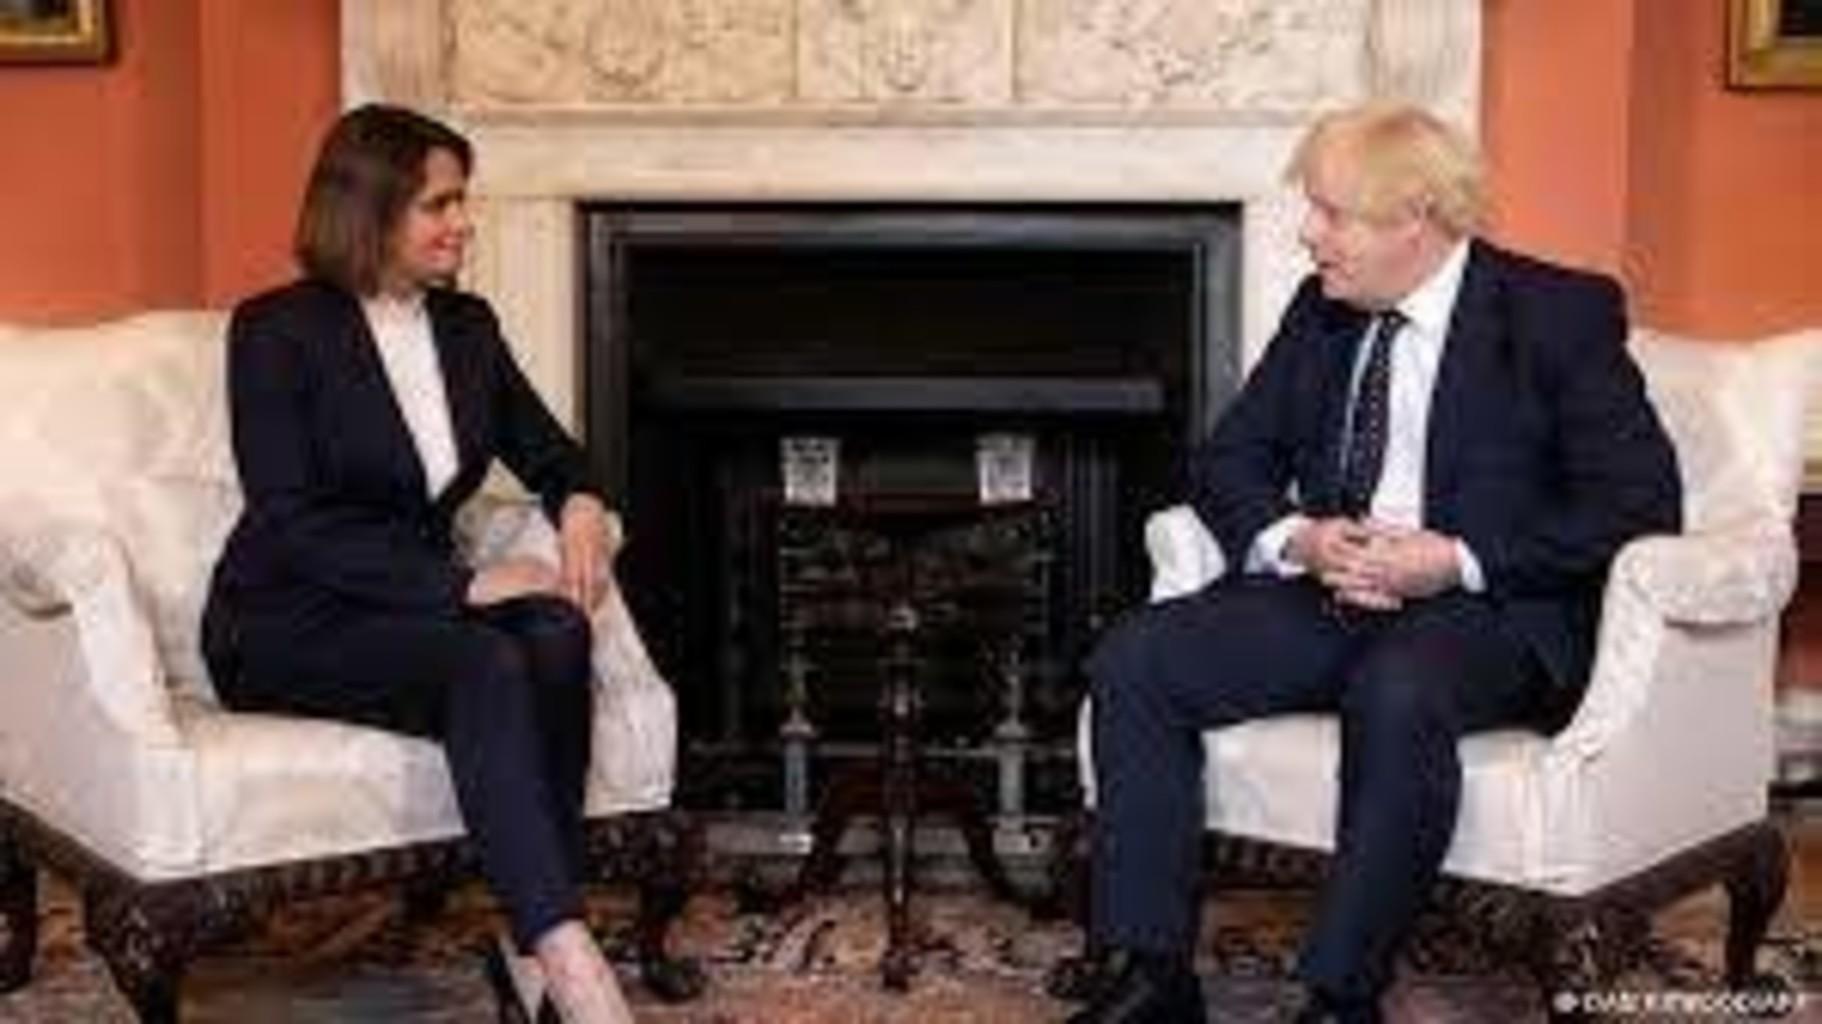 «На фото есть человек в позе домохозяйки». Тихановская в Лондоне, Лукашенко в Сочи (фотосравнение)